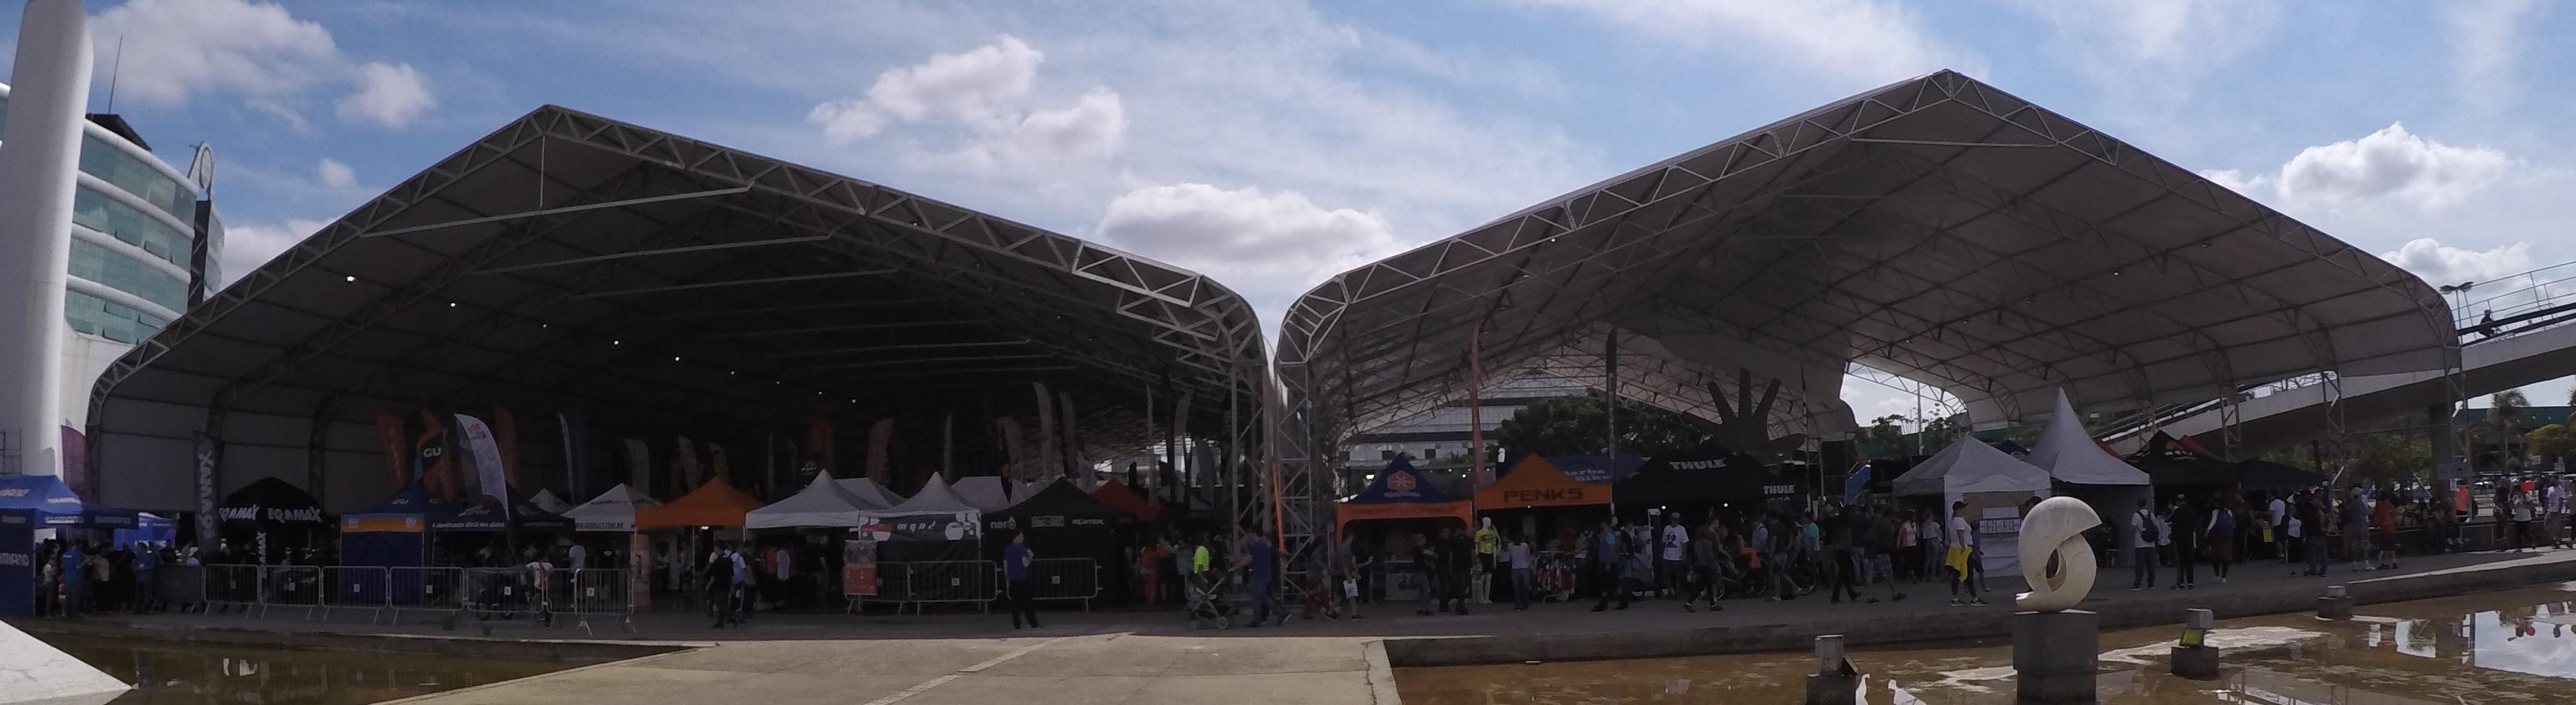 Galpão para eventos em Santa Catarina